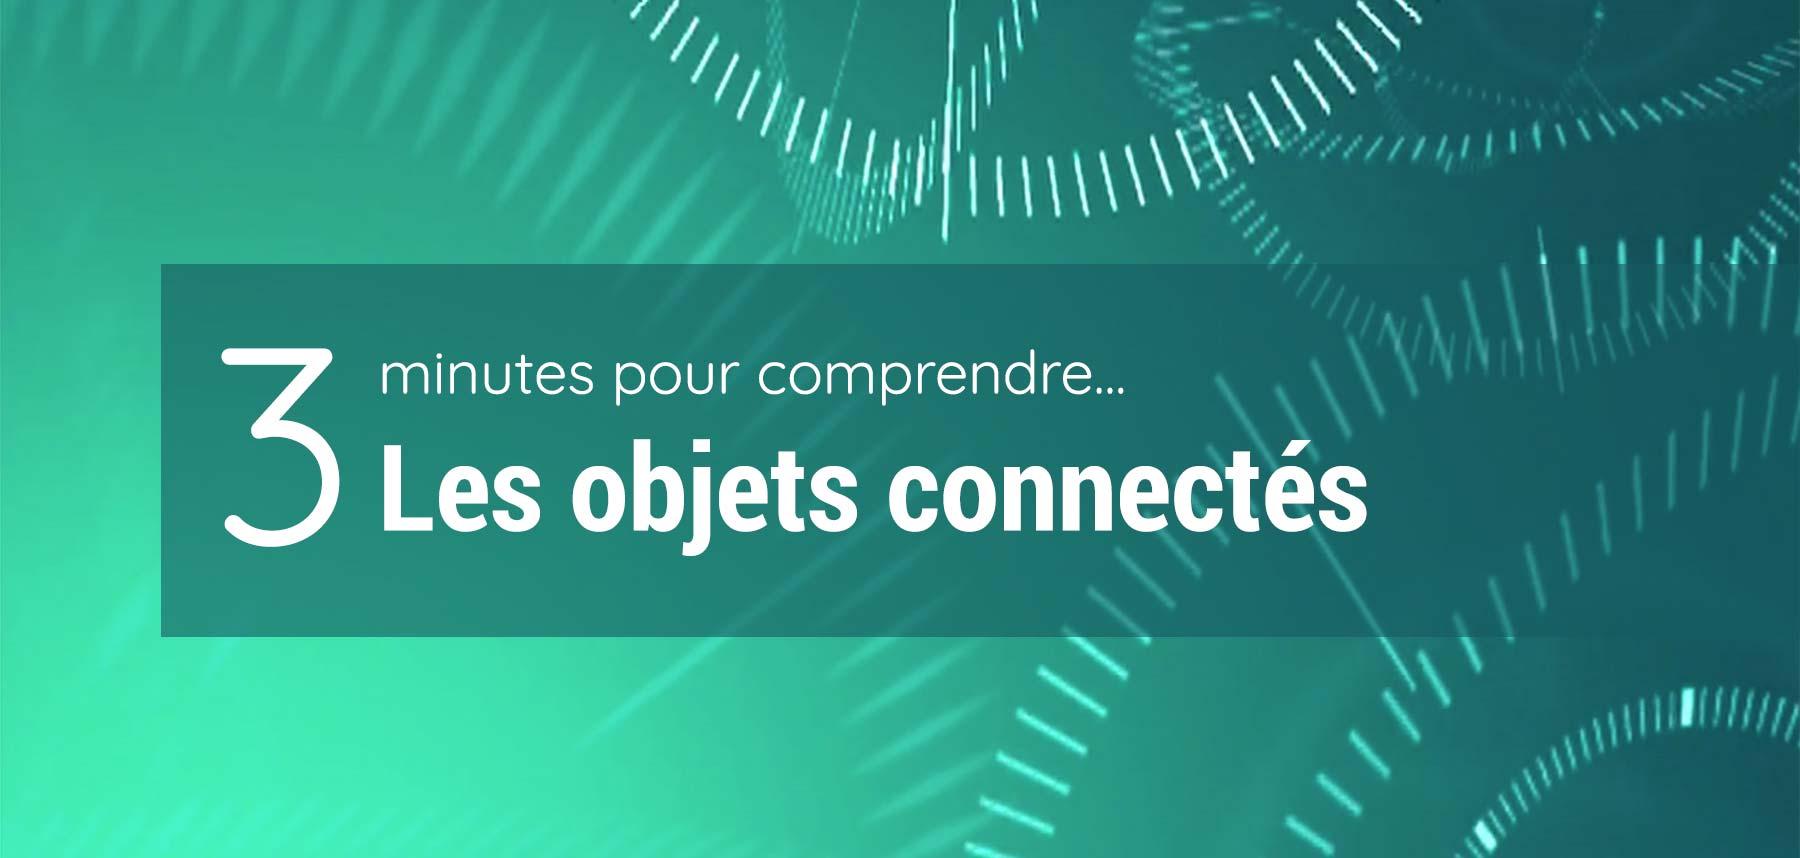 3 minutes pour comprendre les objets connectés